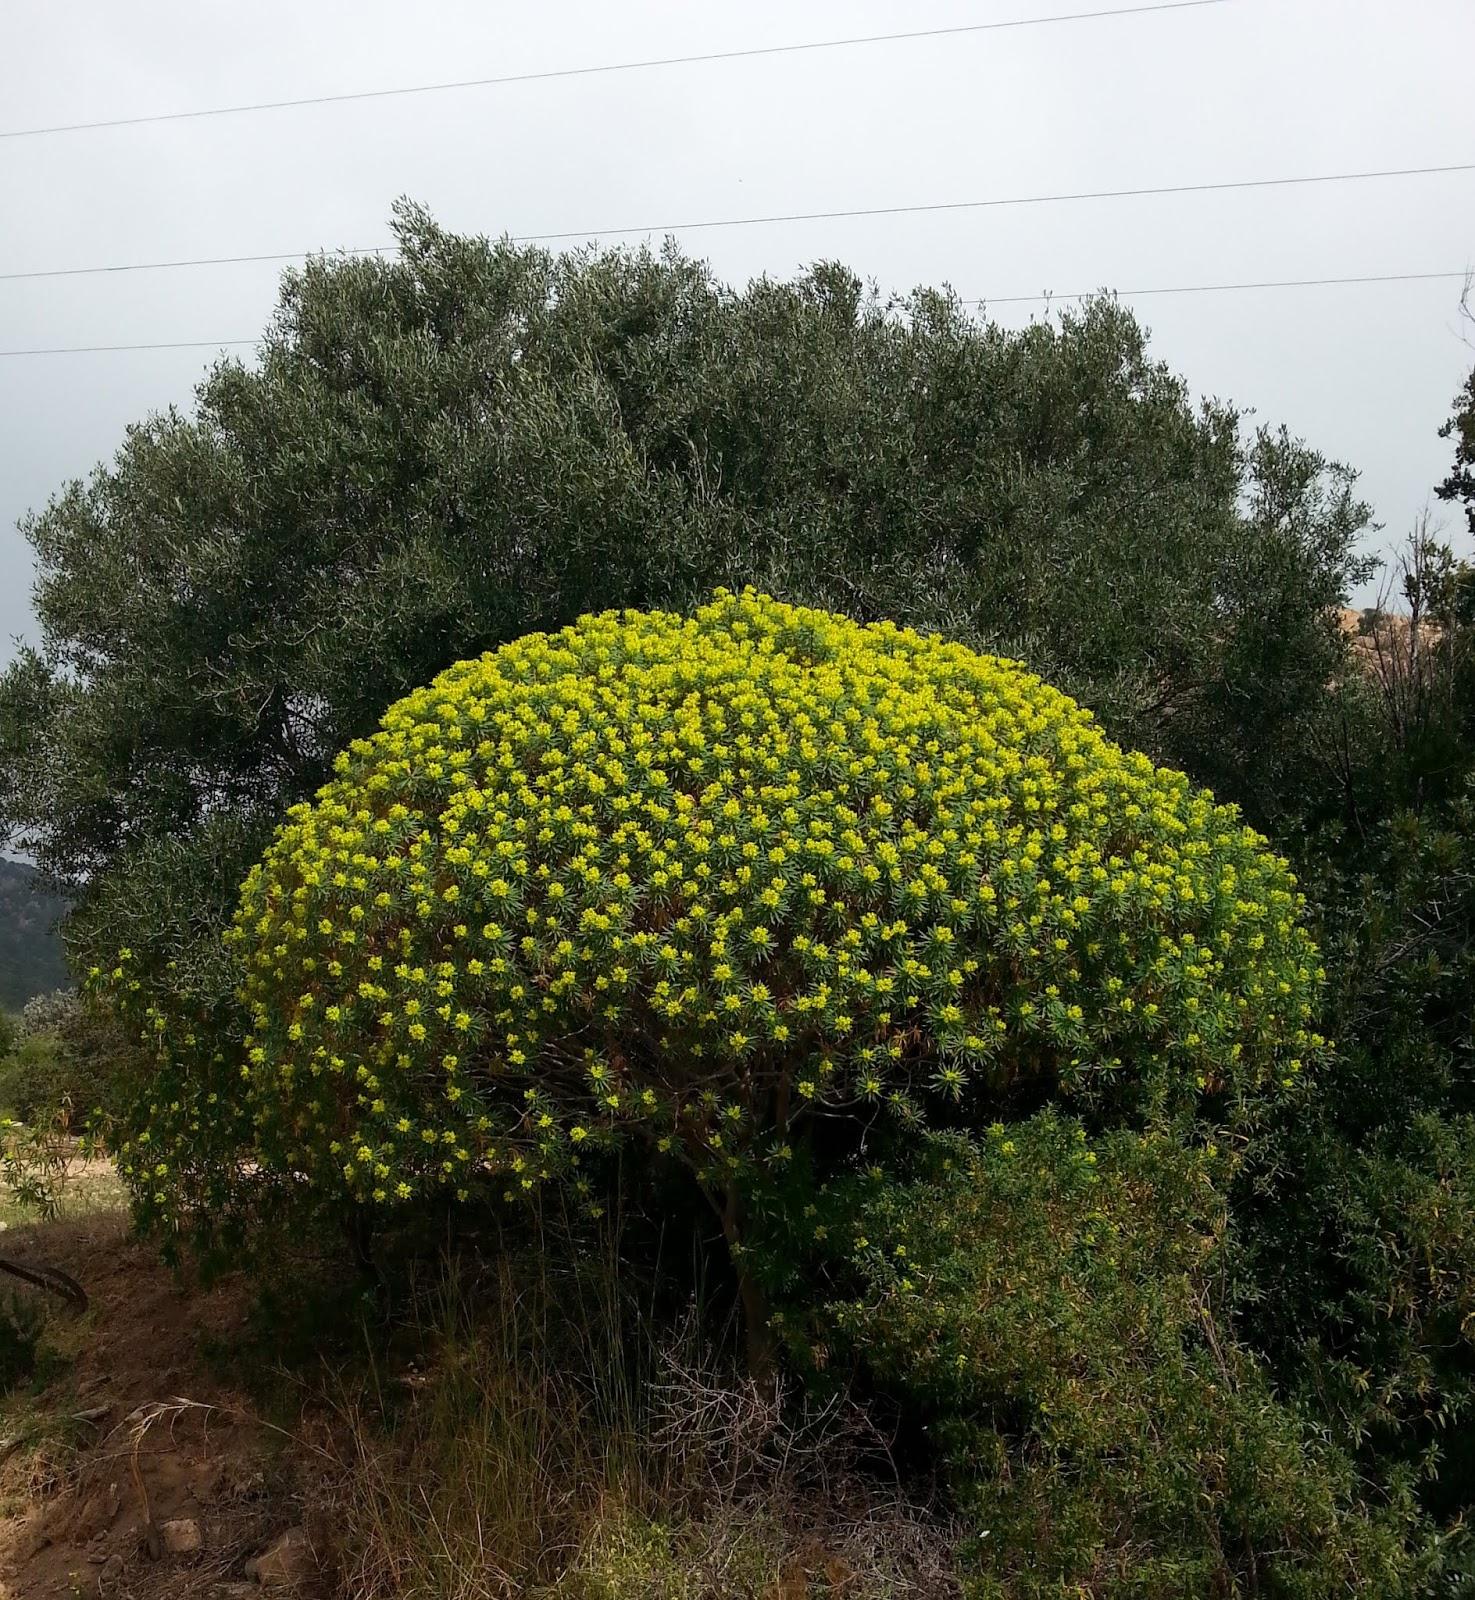 Fiori Gialli Comuni.Cagliari In Verde La Nostra Macchia In Fiore